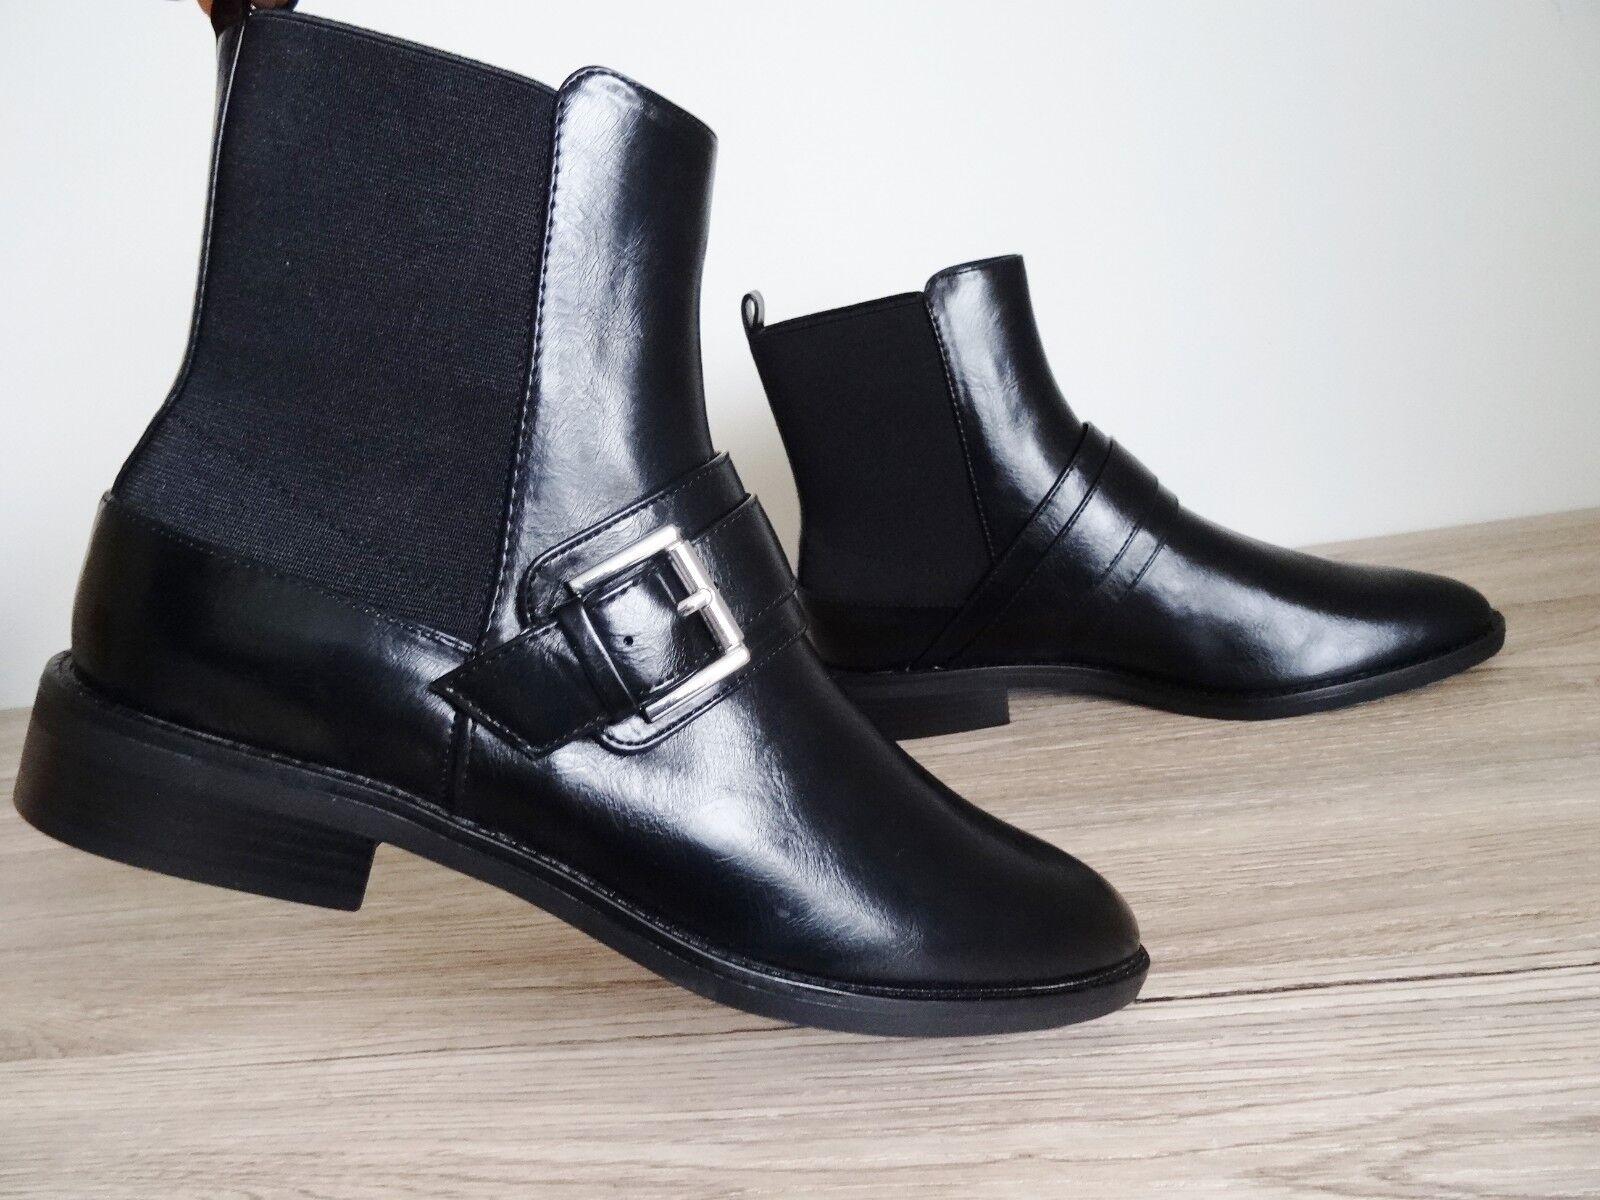 Zara Negro Plano Efecto Cuero Botas al tobillo con correas de tamaño de EU abrochado 37